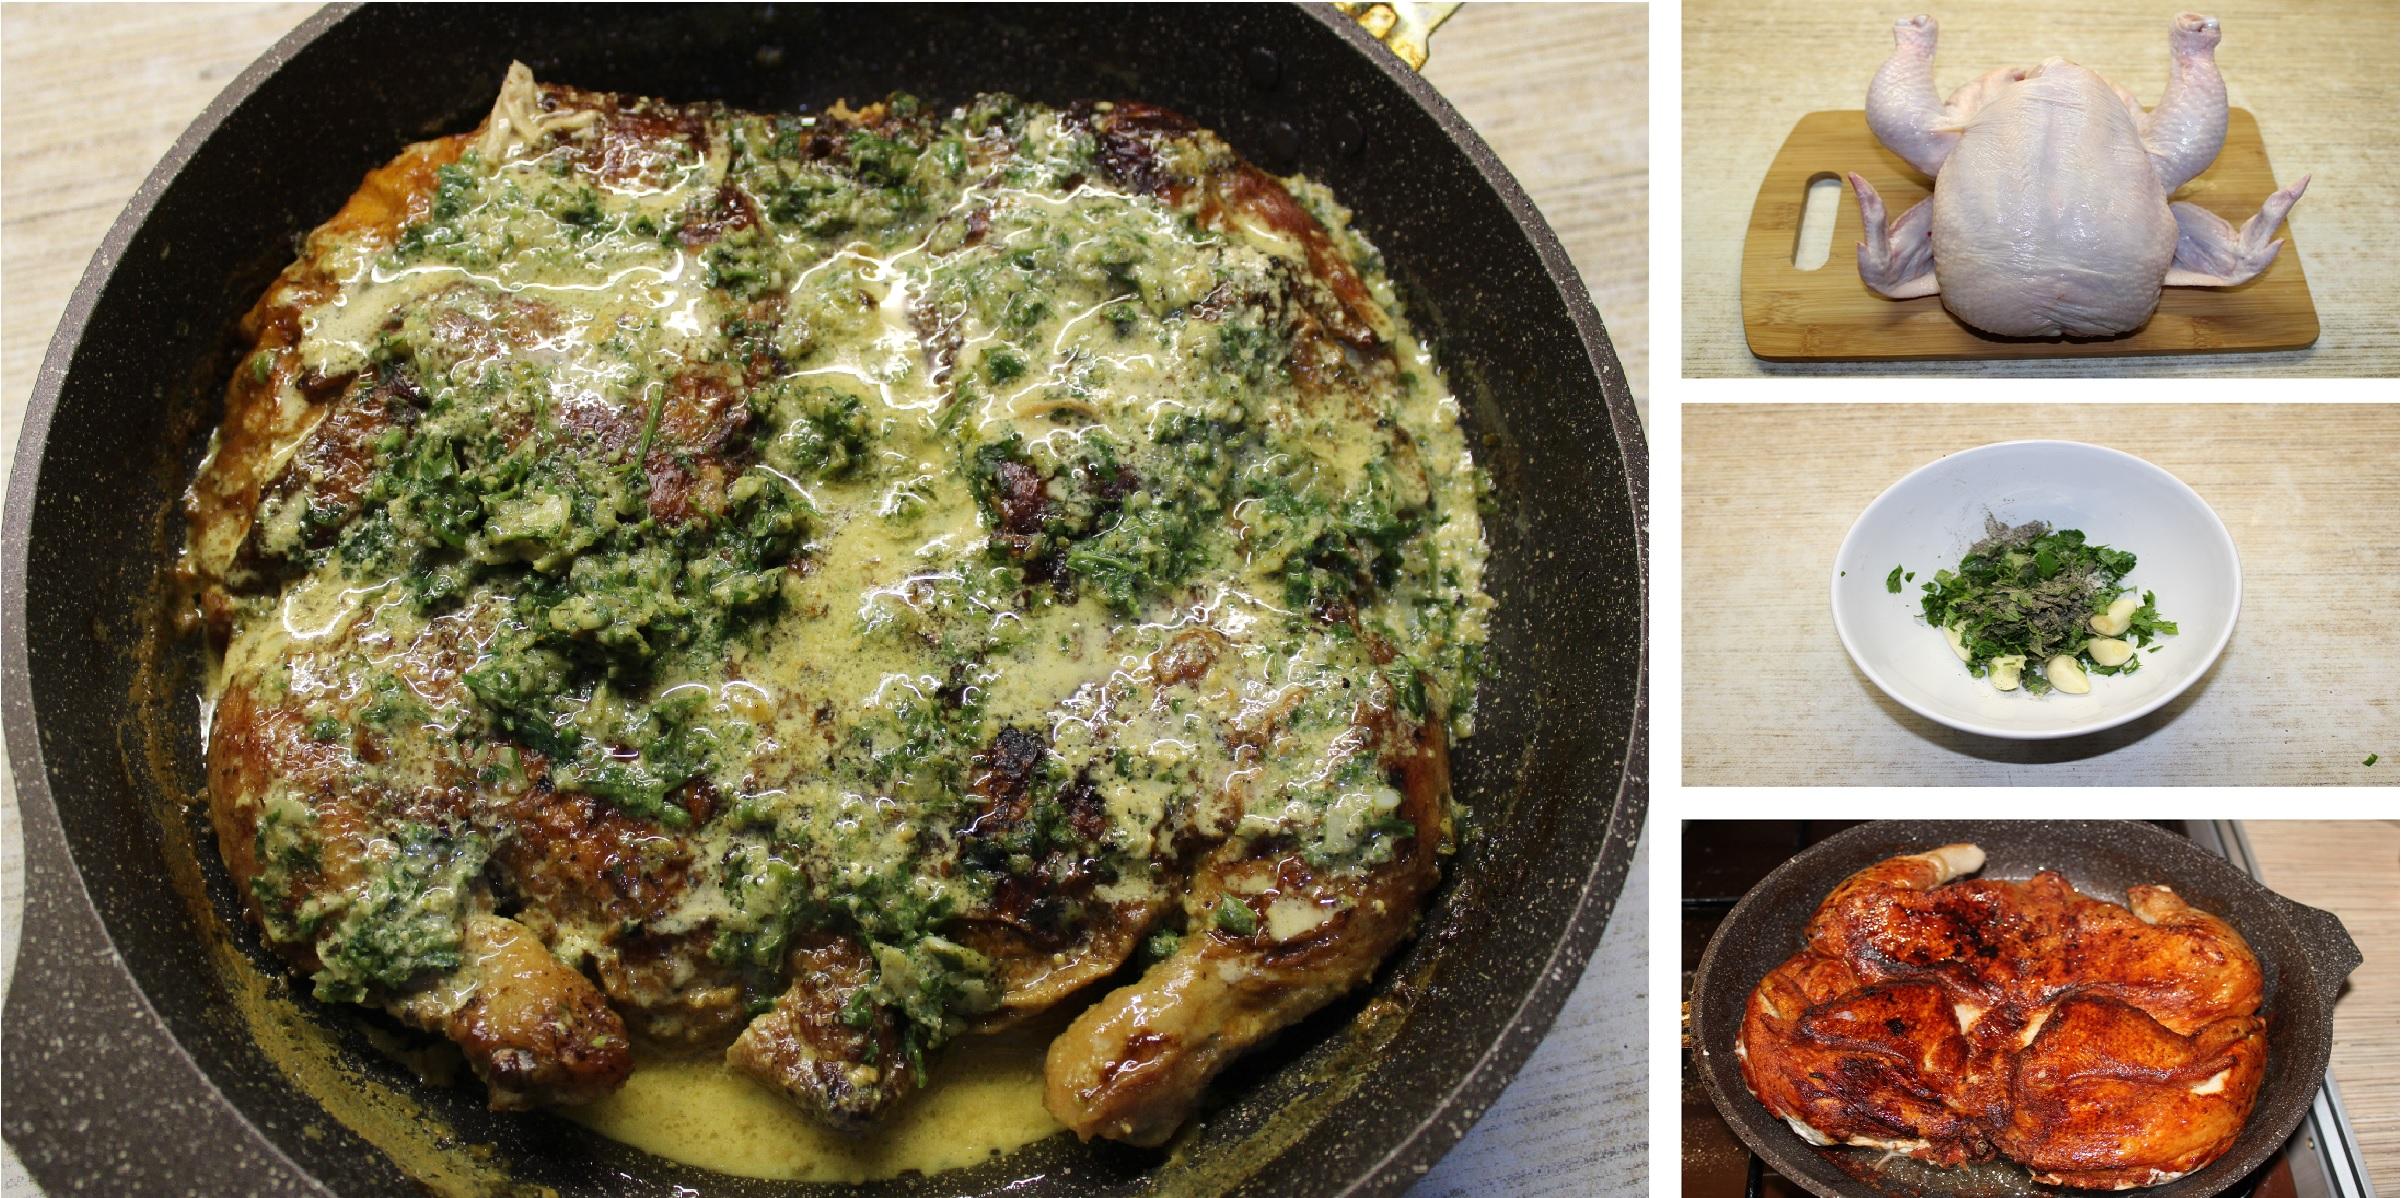 Цыпленок чкмерули - звезда грузинской кухни: пошаговые фото